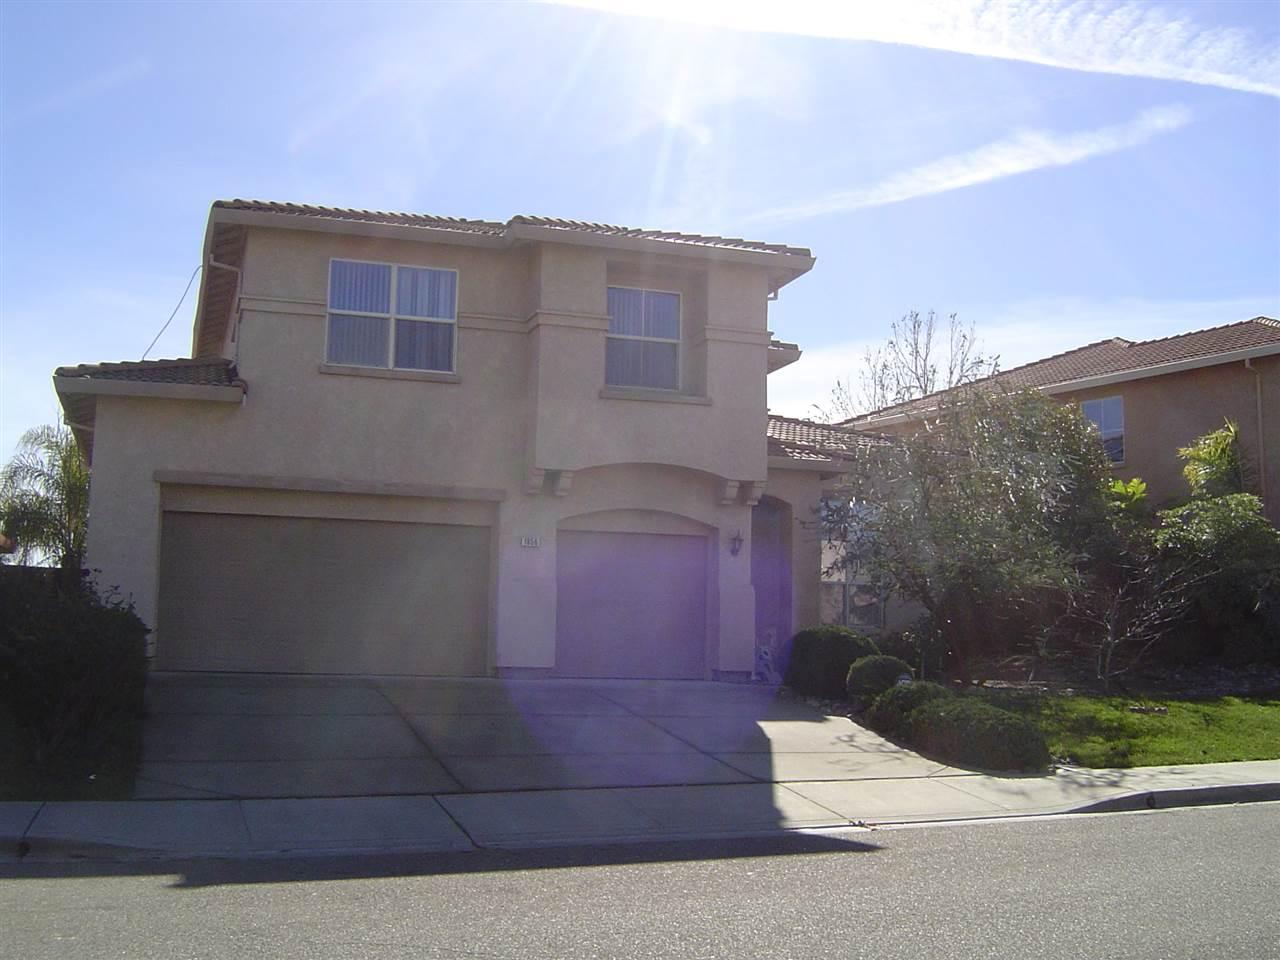 Maison unifamiliale pour l à louer à 1856 Mount Conness Way 1856 Mount Conness Way Antioch, Californie 94531 États-Unis